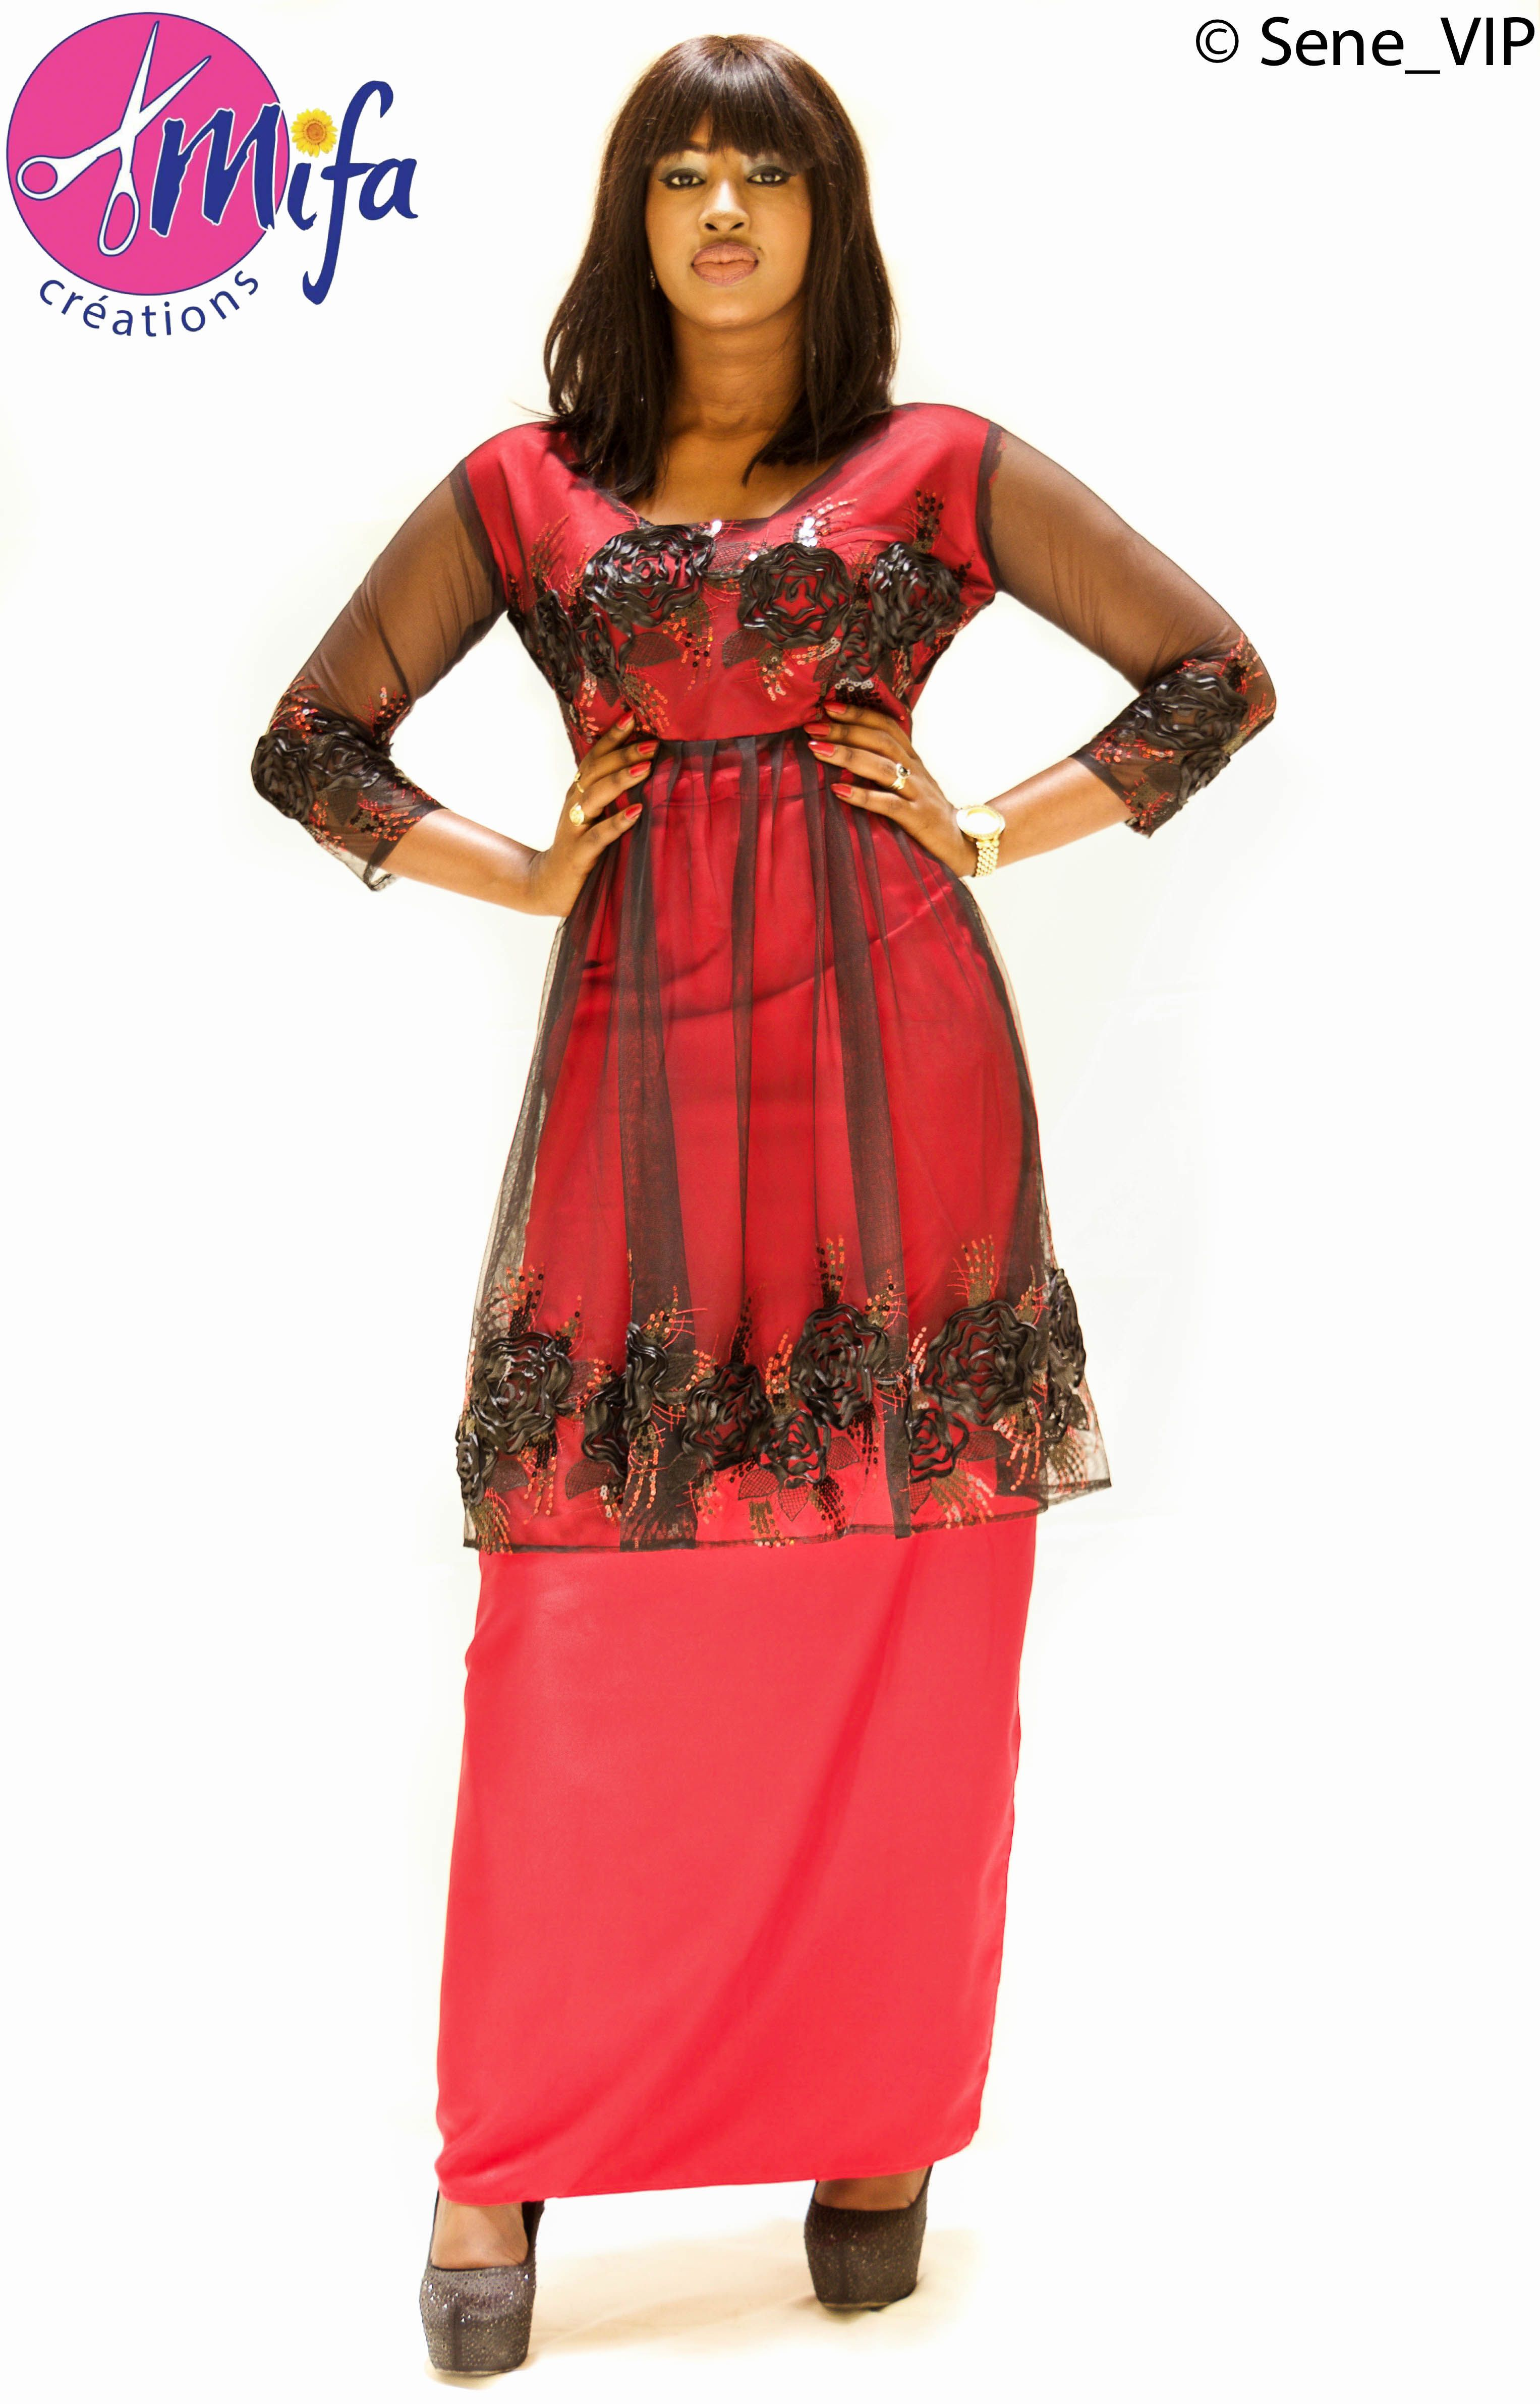 Taille Basse Style « MARINIÈRE » à la mode … | dreams2 ...